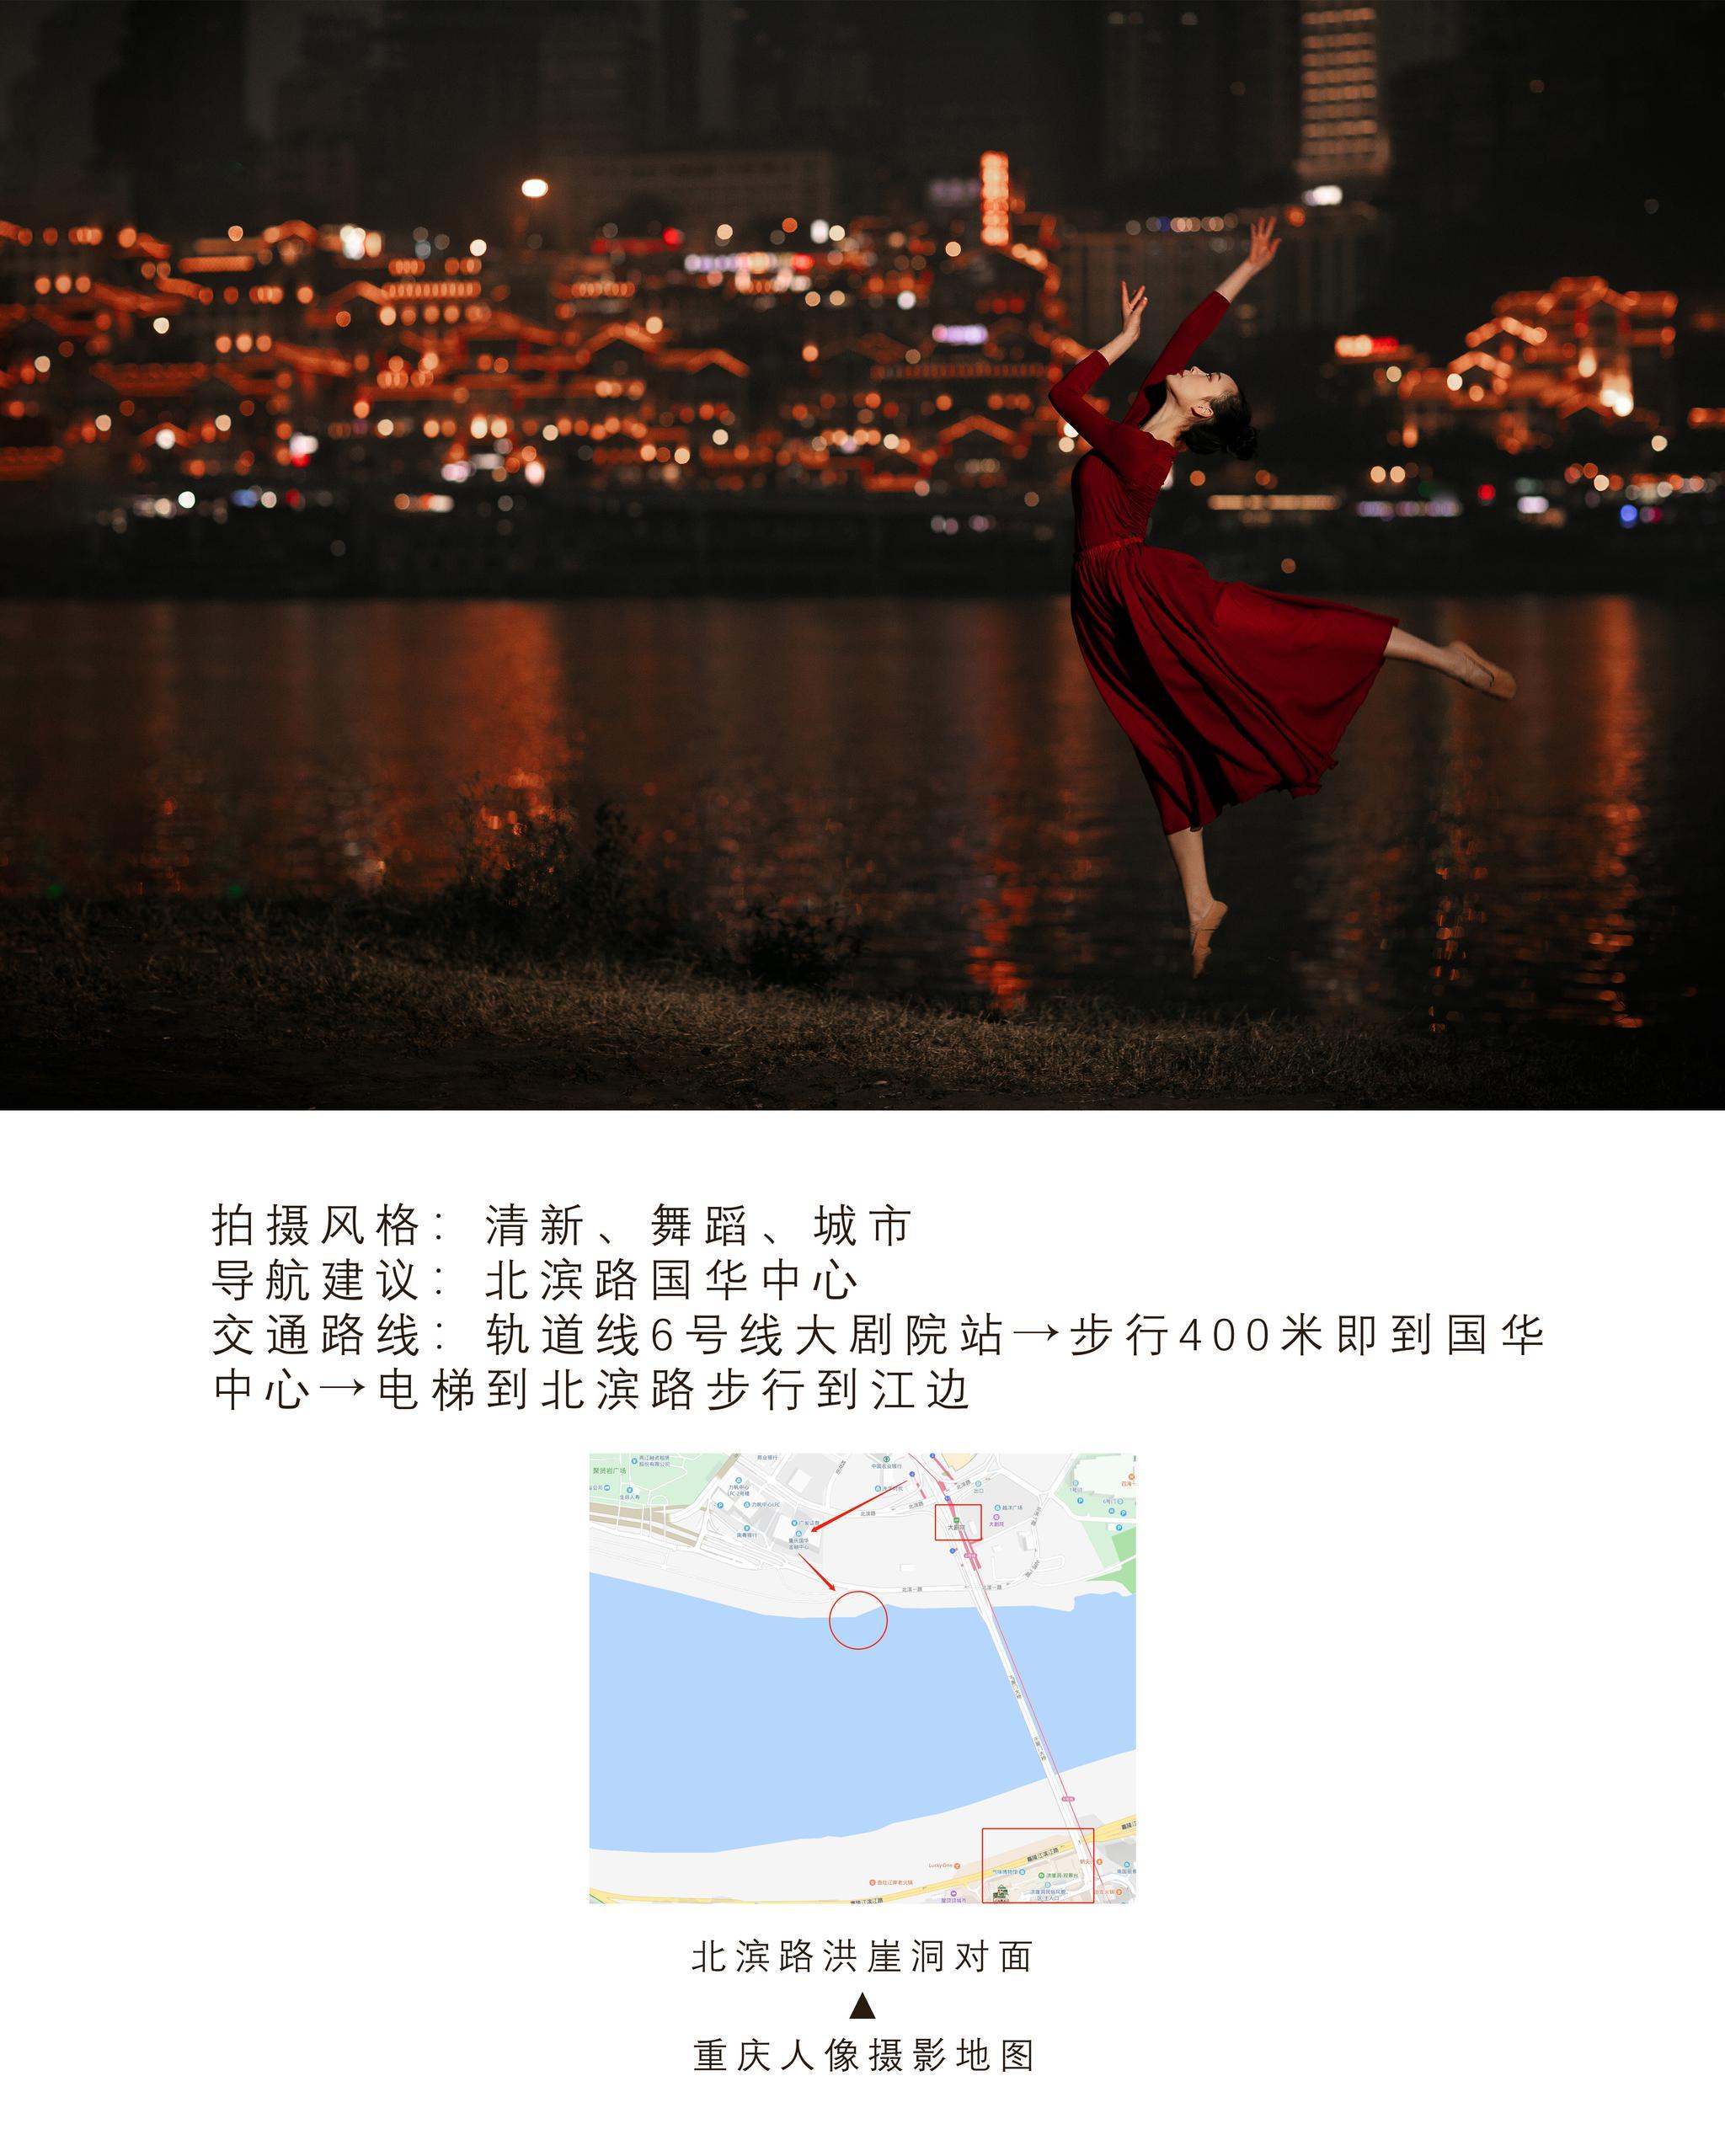 重庆拍照打卡地带你走遍重庆卡卡角角作者:@密密抽疯